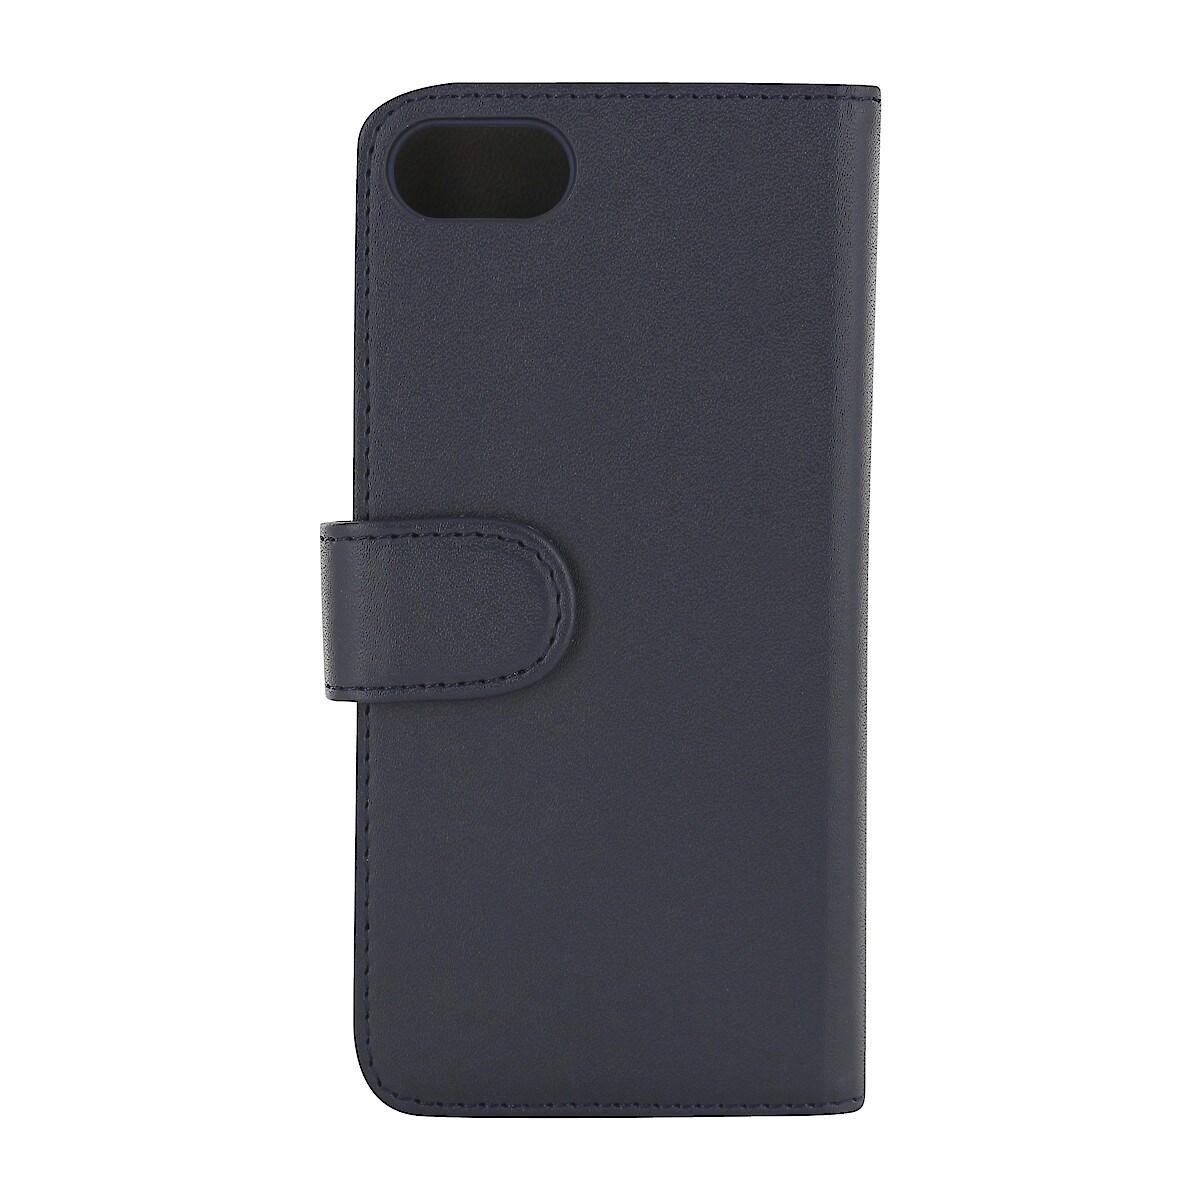 Plånboksfodral för iPhone 6/6s/7/8/SE 2020, Holdit